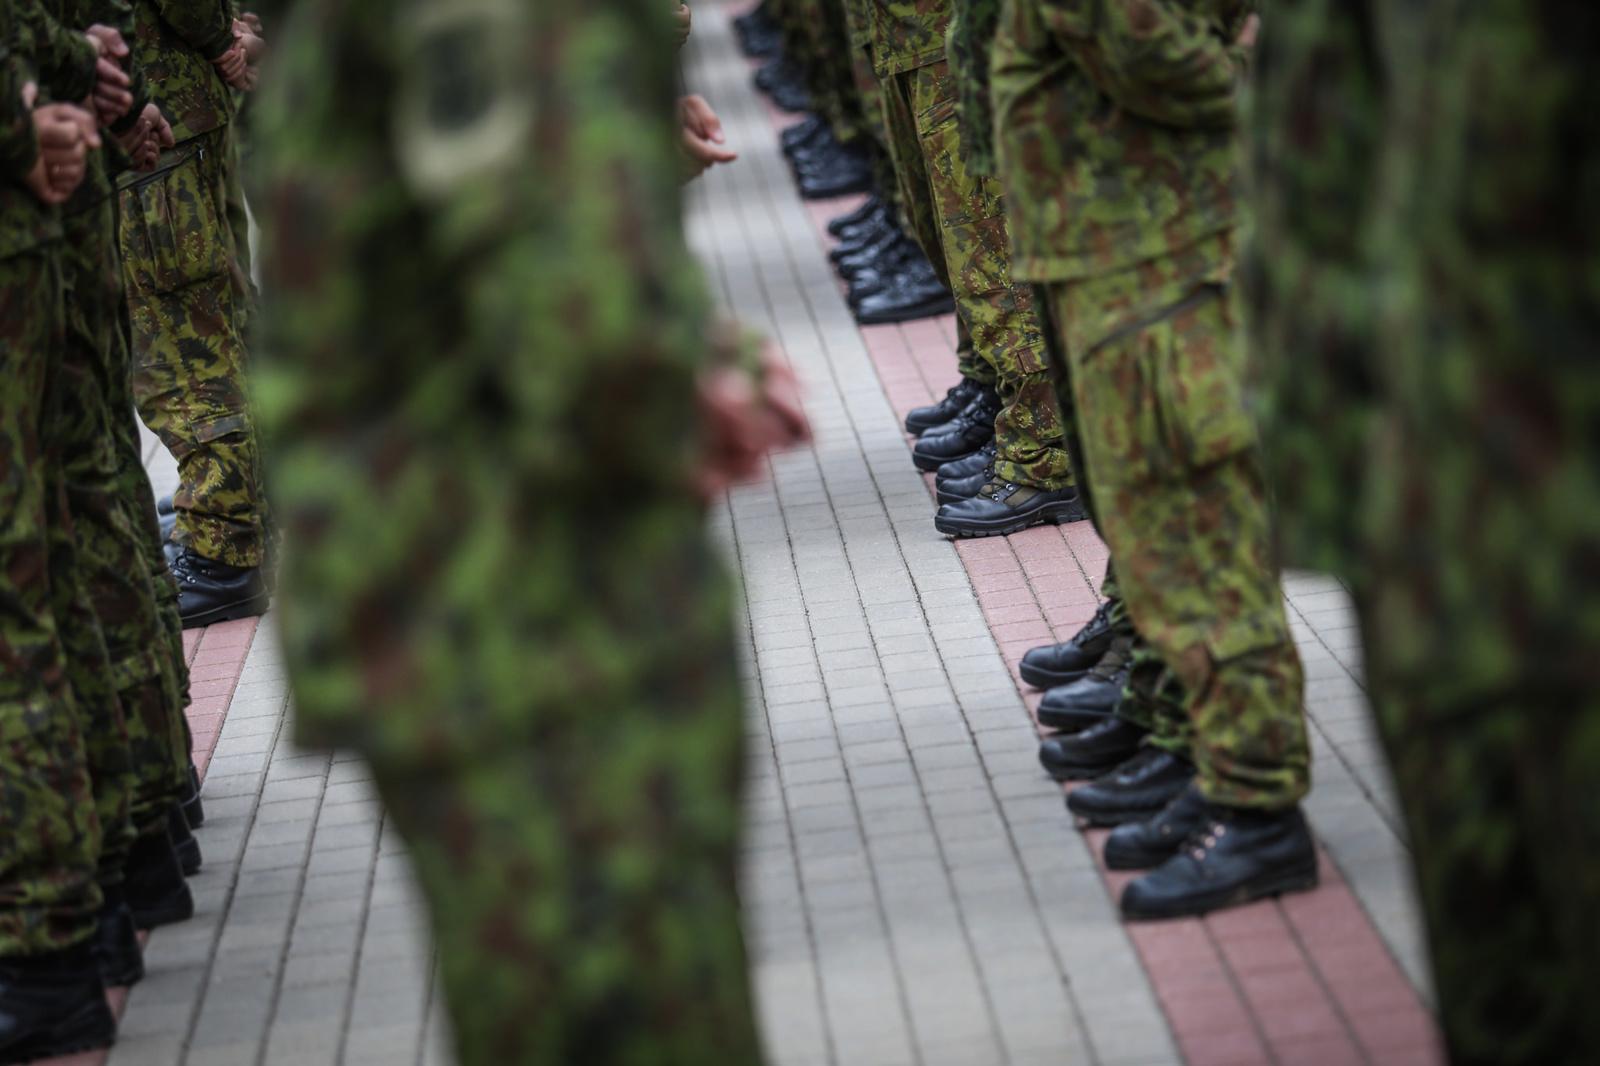 Šiauliuose neblaivus vairuotojas per užkardas įvažiavo į Lietuvos kariuomenės teritoriją